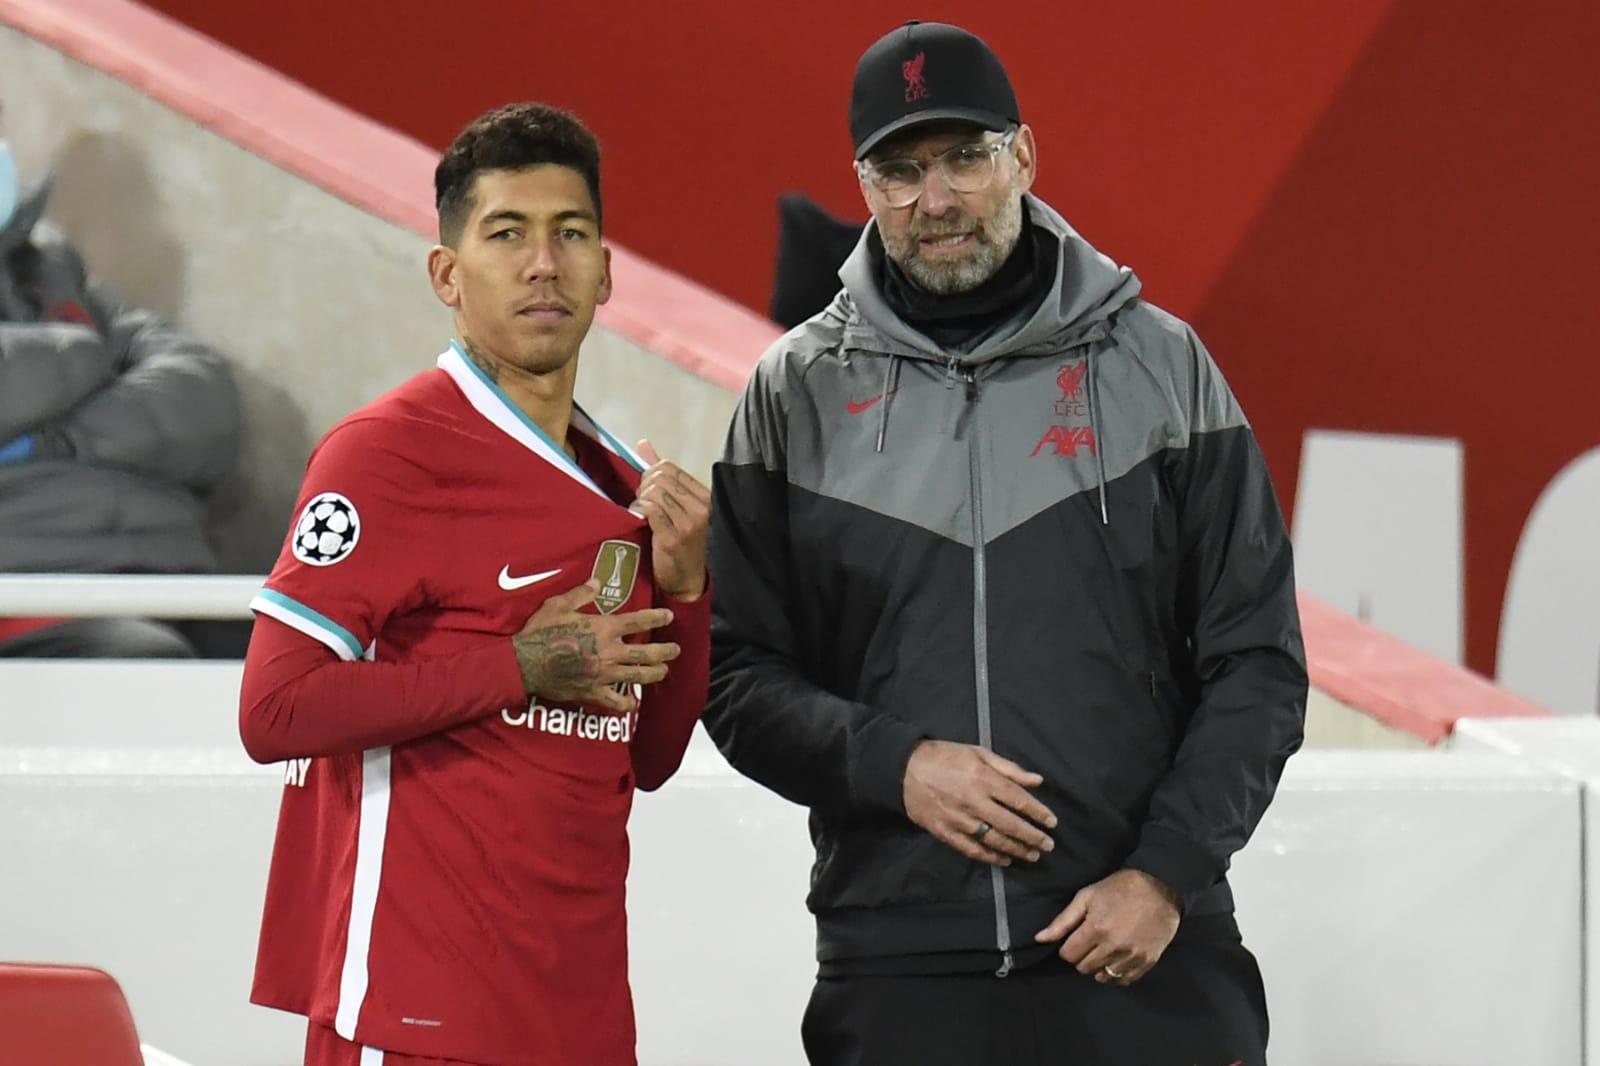 Liverpool, Jurgen Klopp, Roberto Firmino